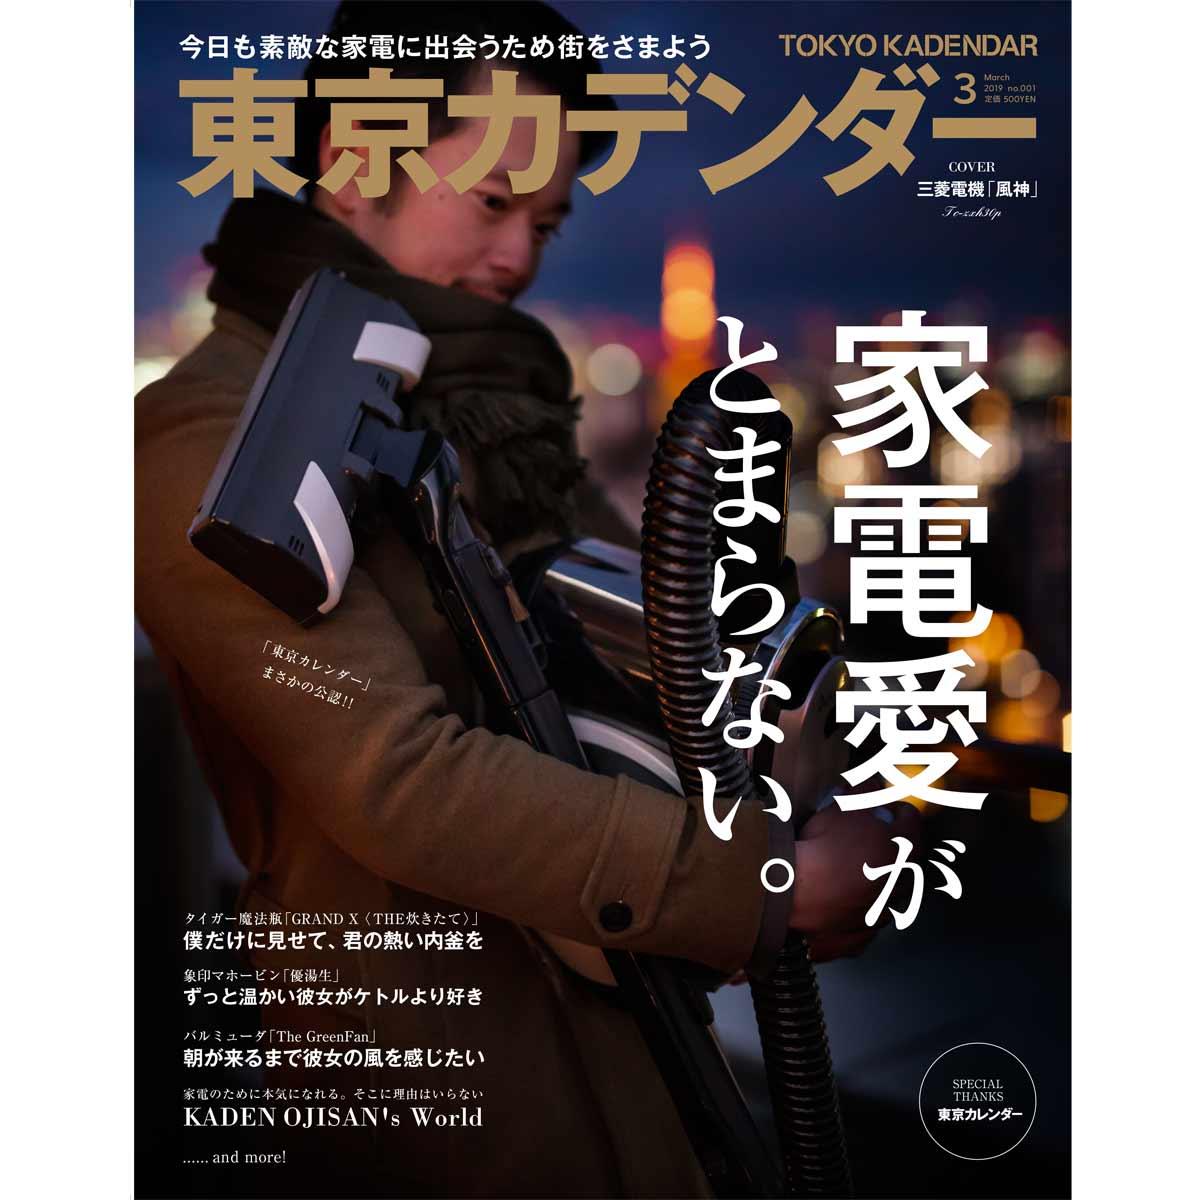 【告知】奇跡の家電同人誌「東京カデンダー」創刊!ウェブメディアびっくりセールで販売するよ